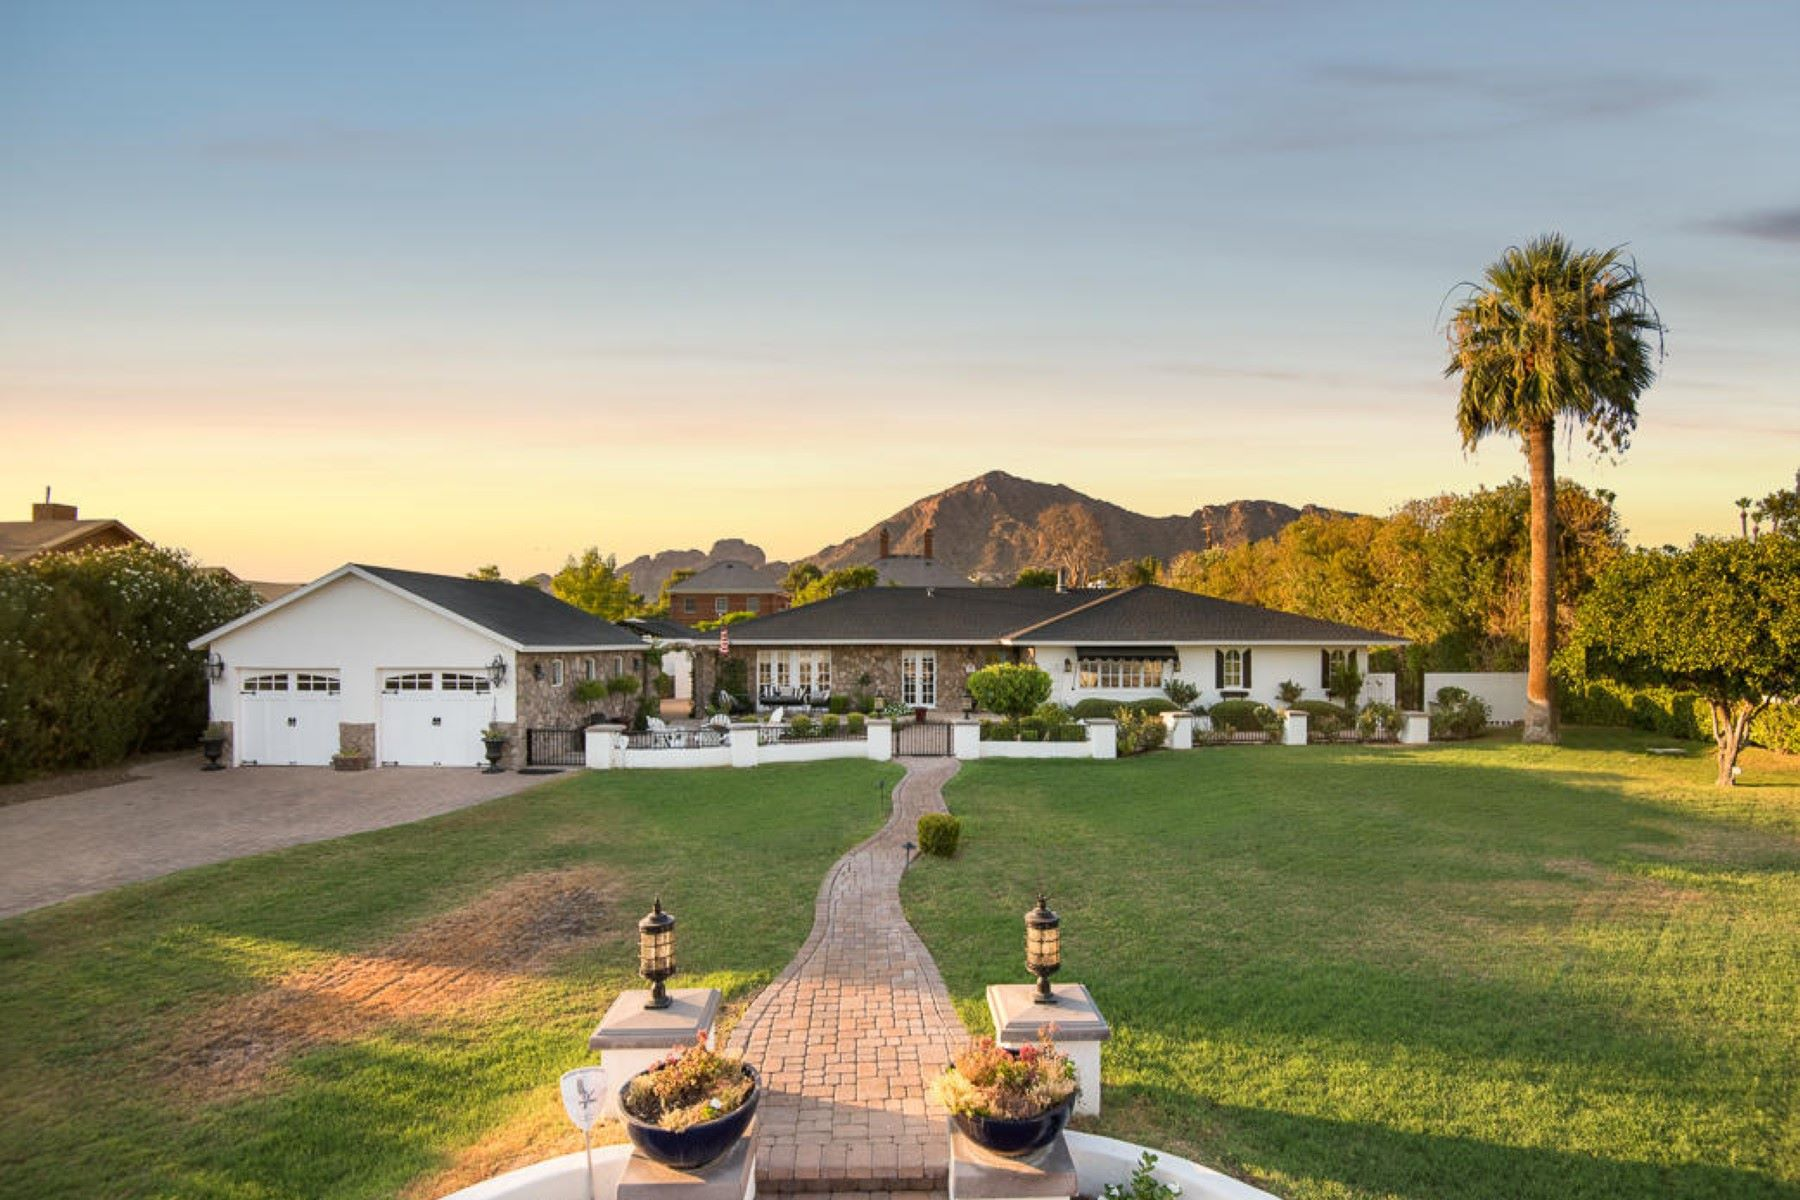 Maison unifamiliale pour l Vente à Charming home on beautiful grounds in Phoenix 5424 E Lafayette Blvd Phoenix, Arizona, 85018 États-Unis